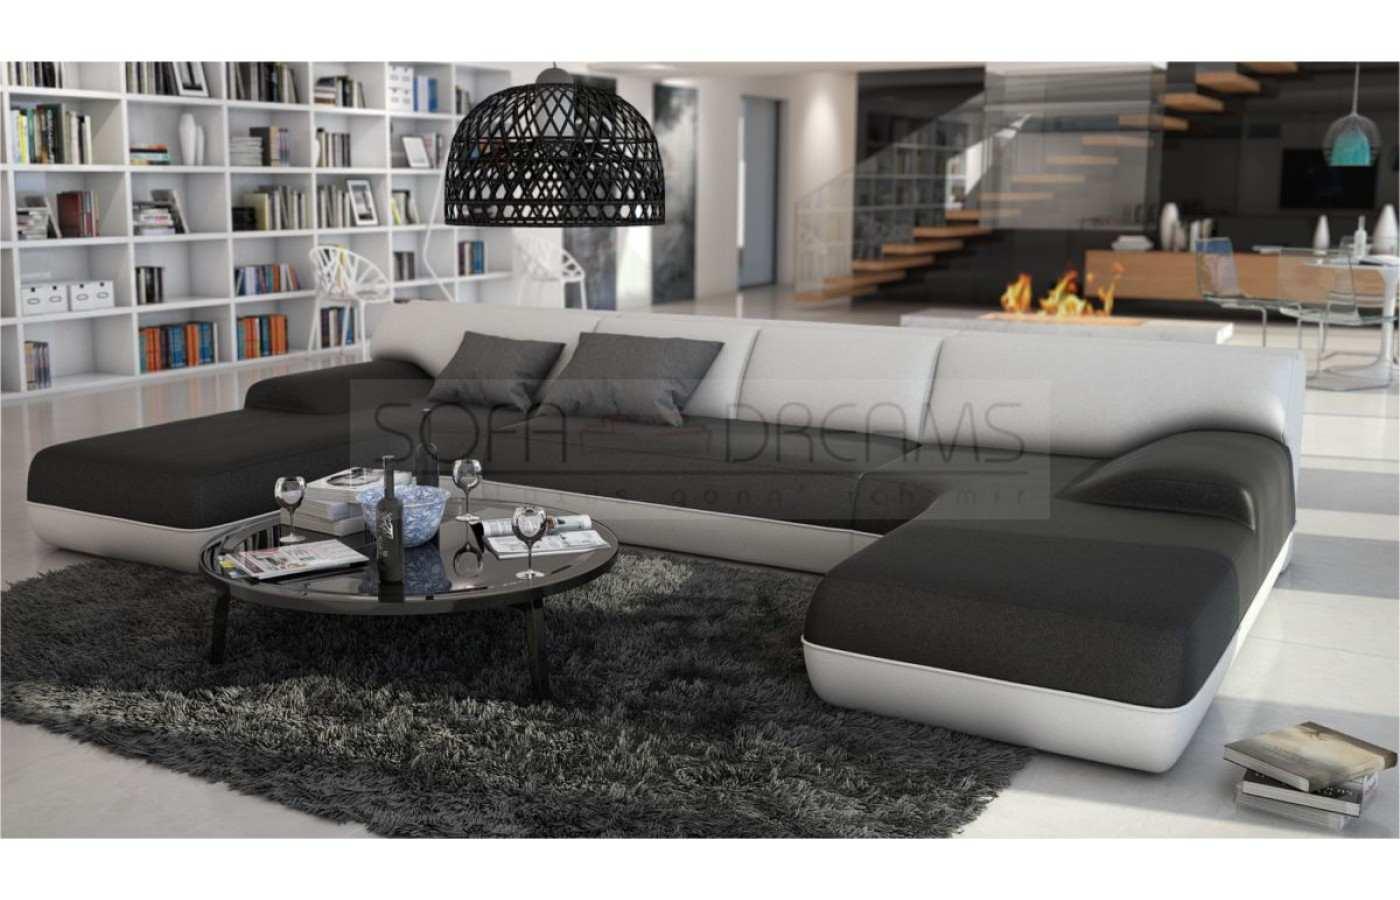 Möbelum Hochbett Genial sofa Weiß Günstig Schön Inspirational Hochbett Für Kleine